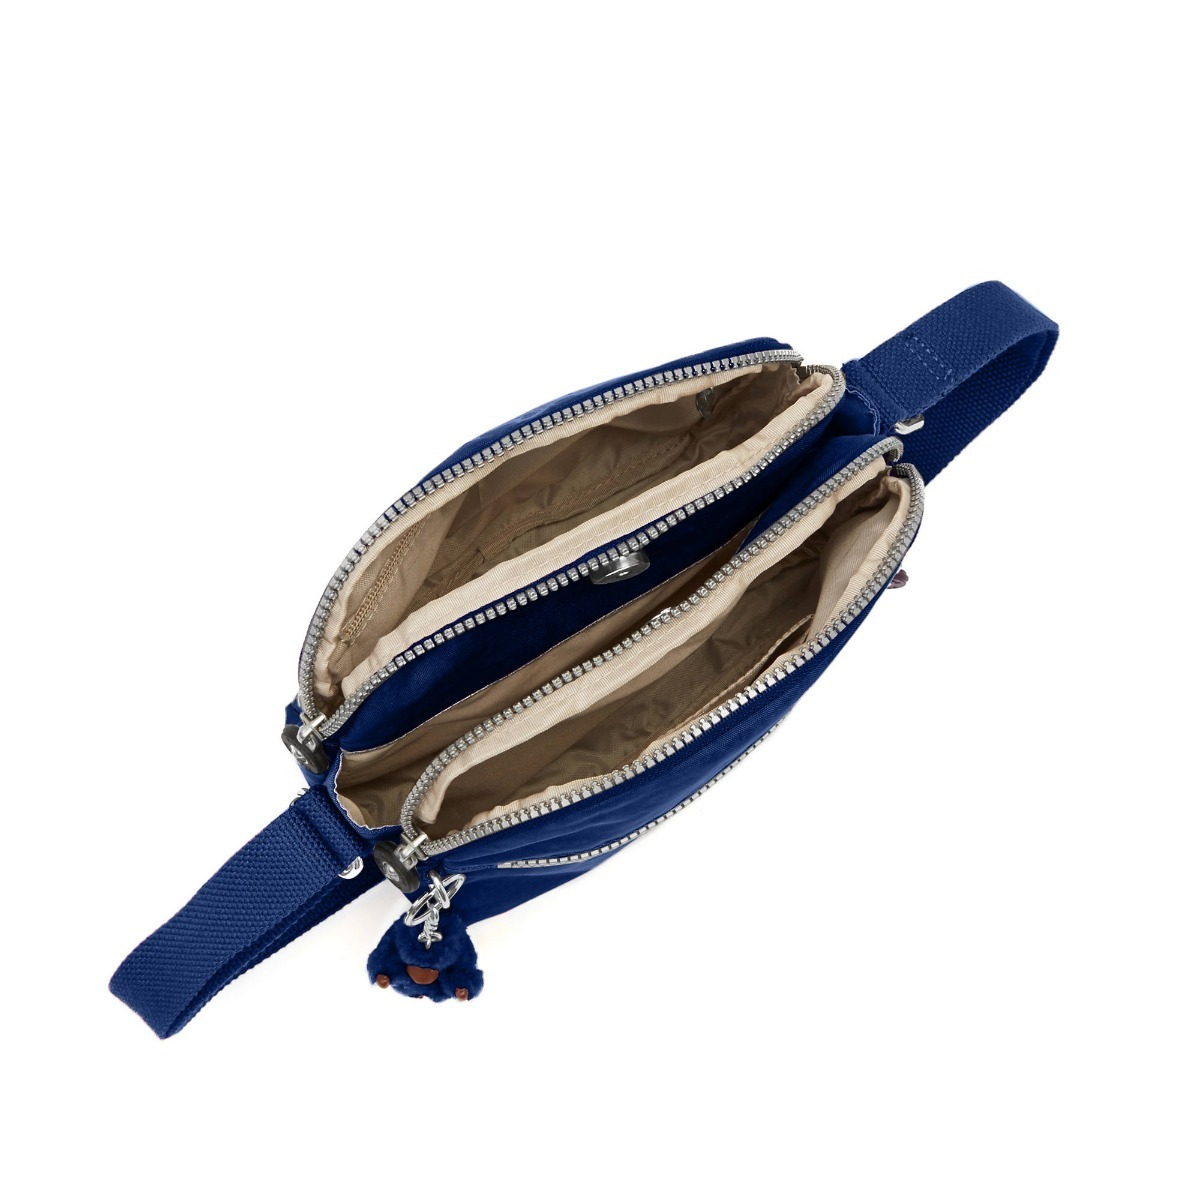 83f2a65bd Carregando zoom... bolsa feminina kipling azul marinho - original